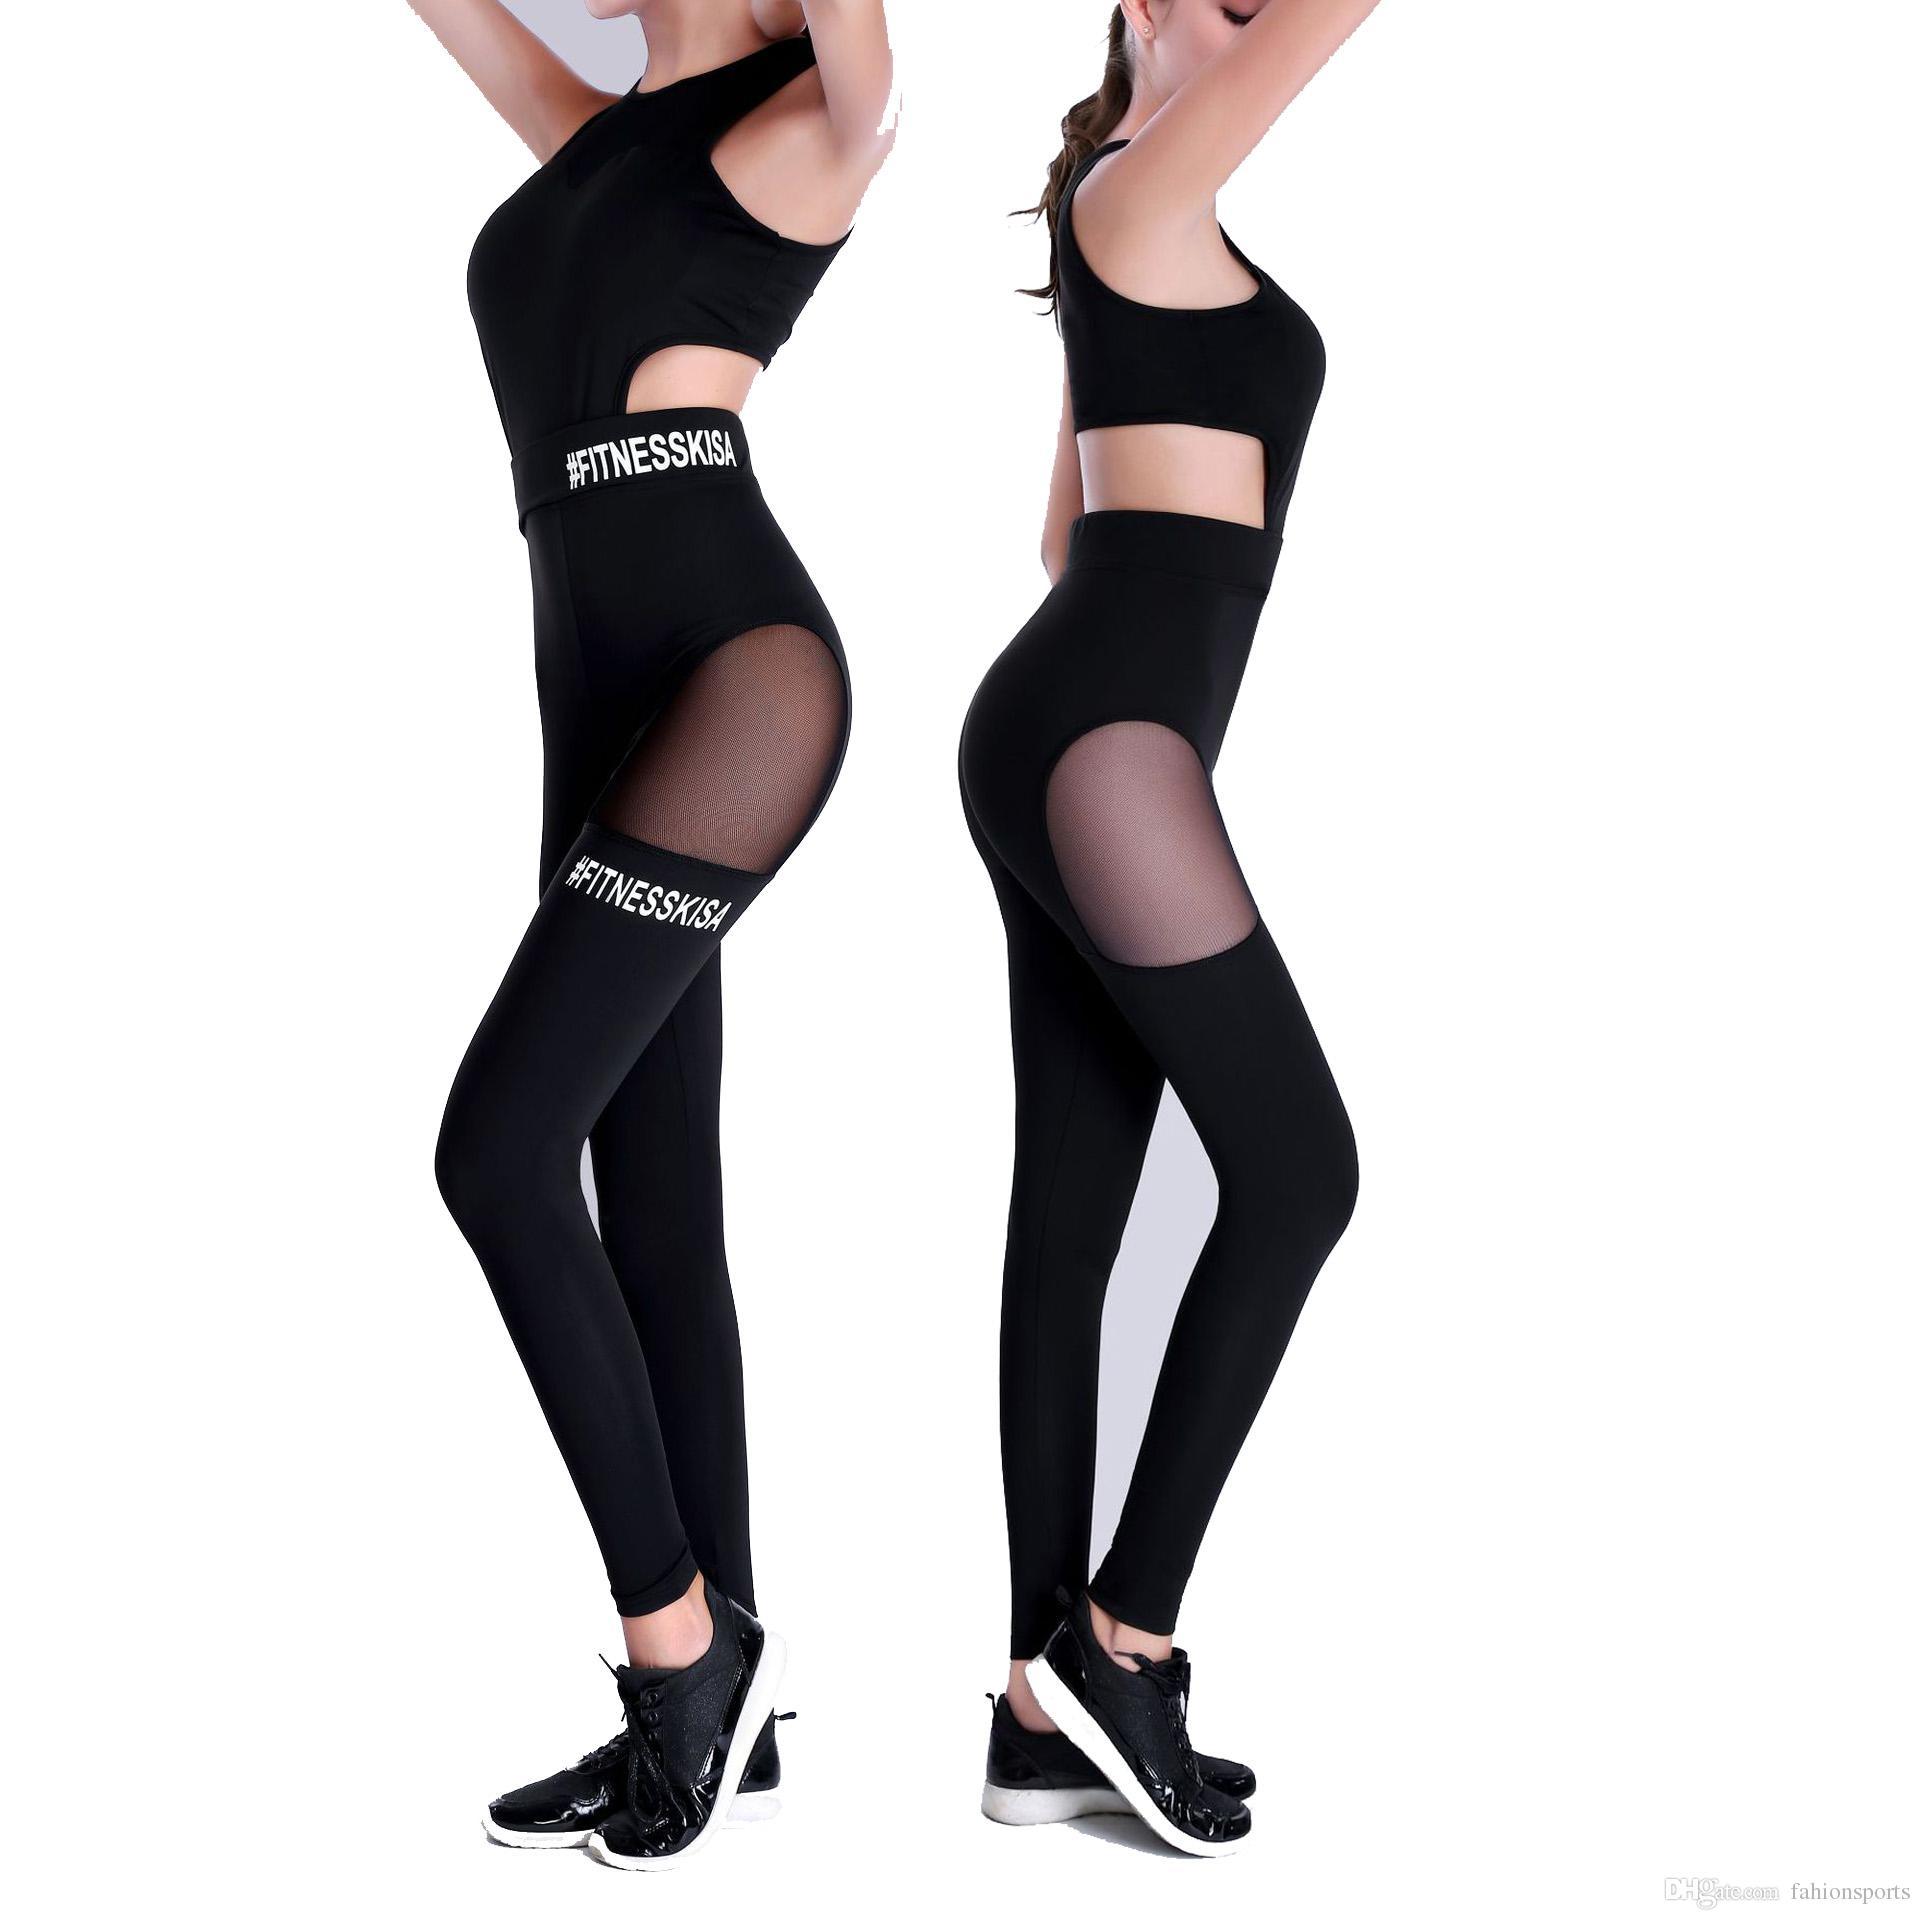 Acheter One Piece Sexy Femmes Gym Fitness Vêtements Suit Séchage Rapide  Élastique Fitness Collants Courir Combinaisons Serrées Sport Ensembles De  Yoga De ... 0d3cc646f0e